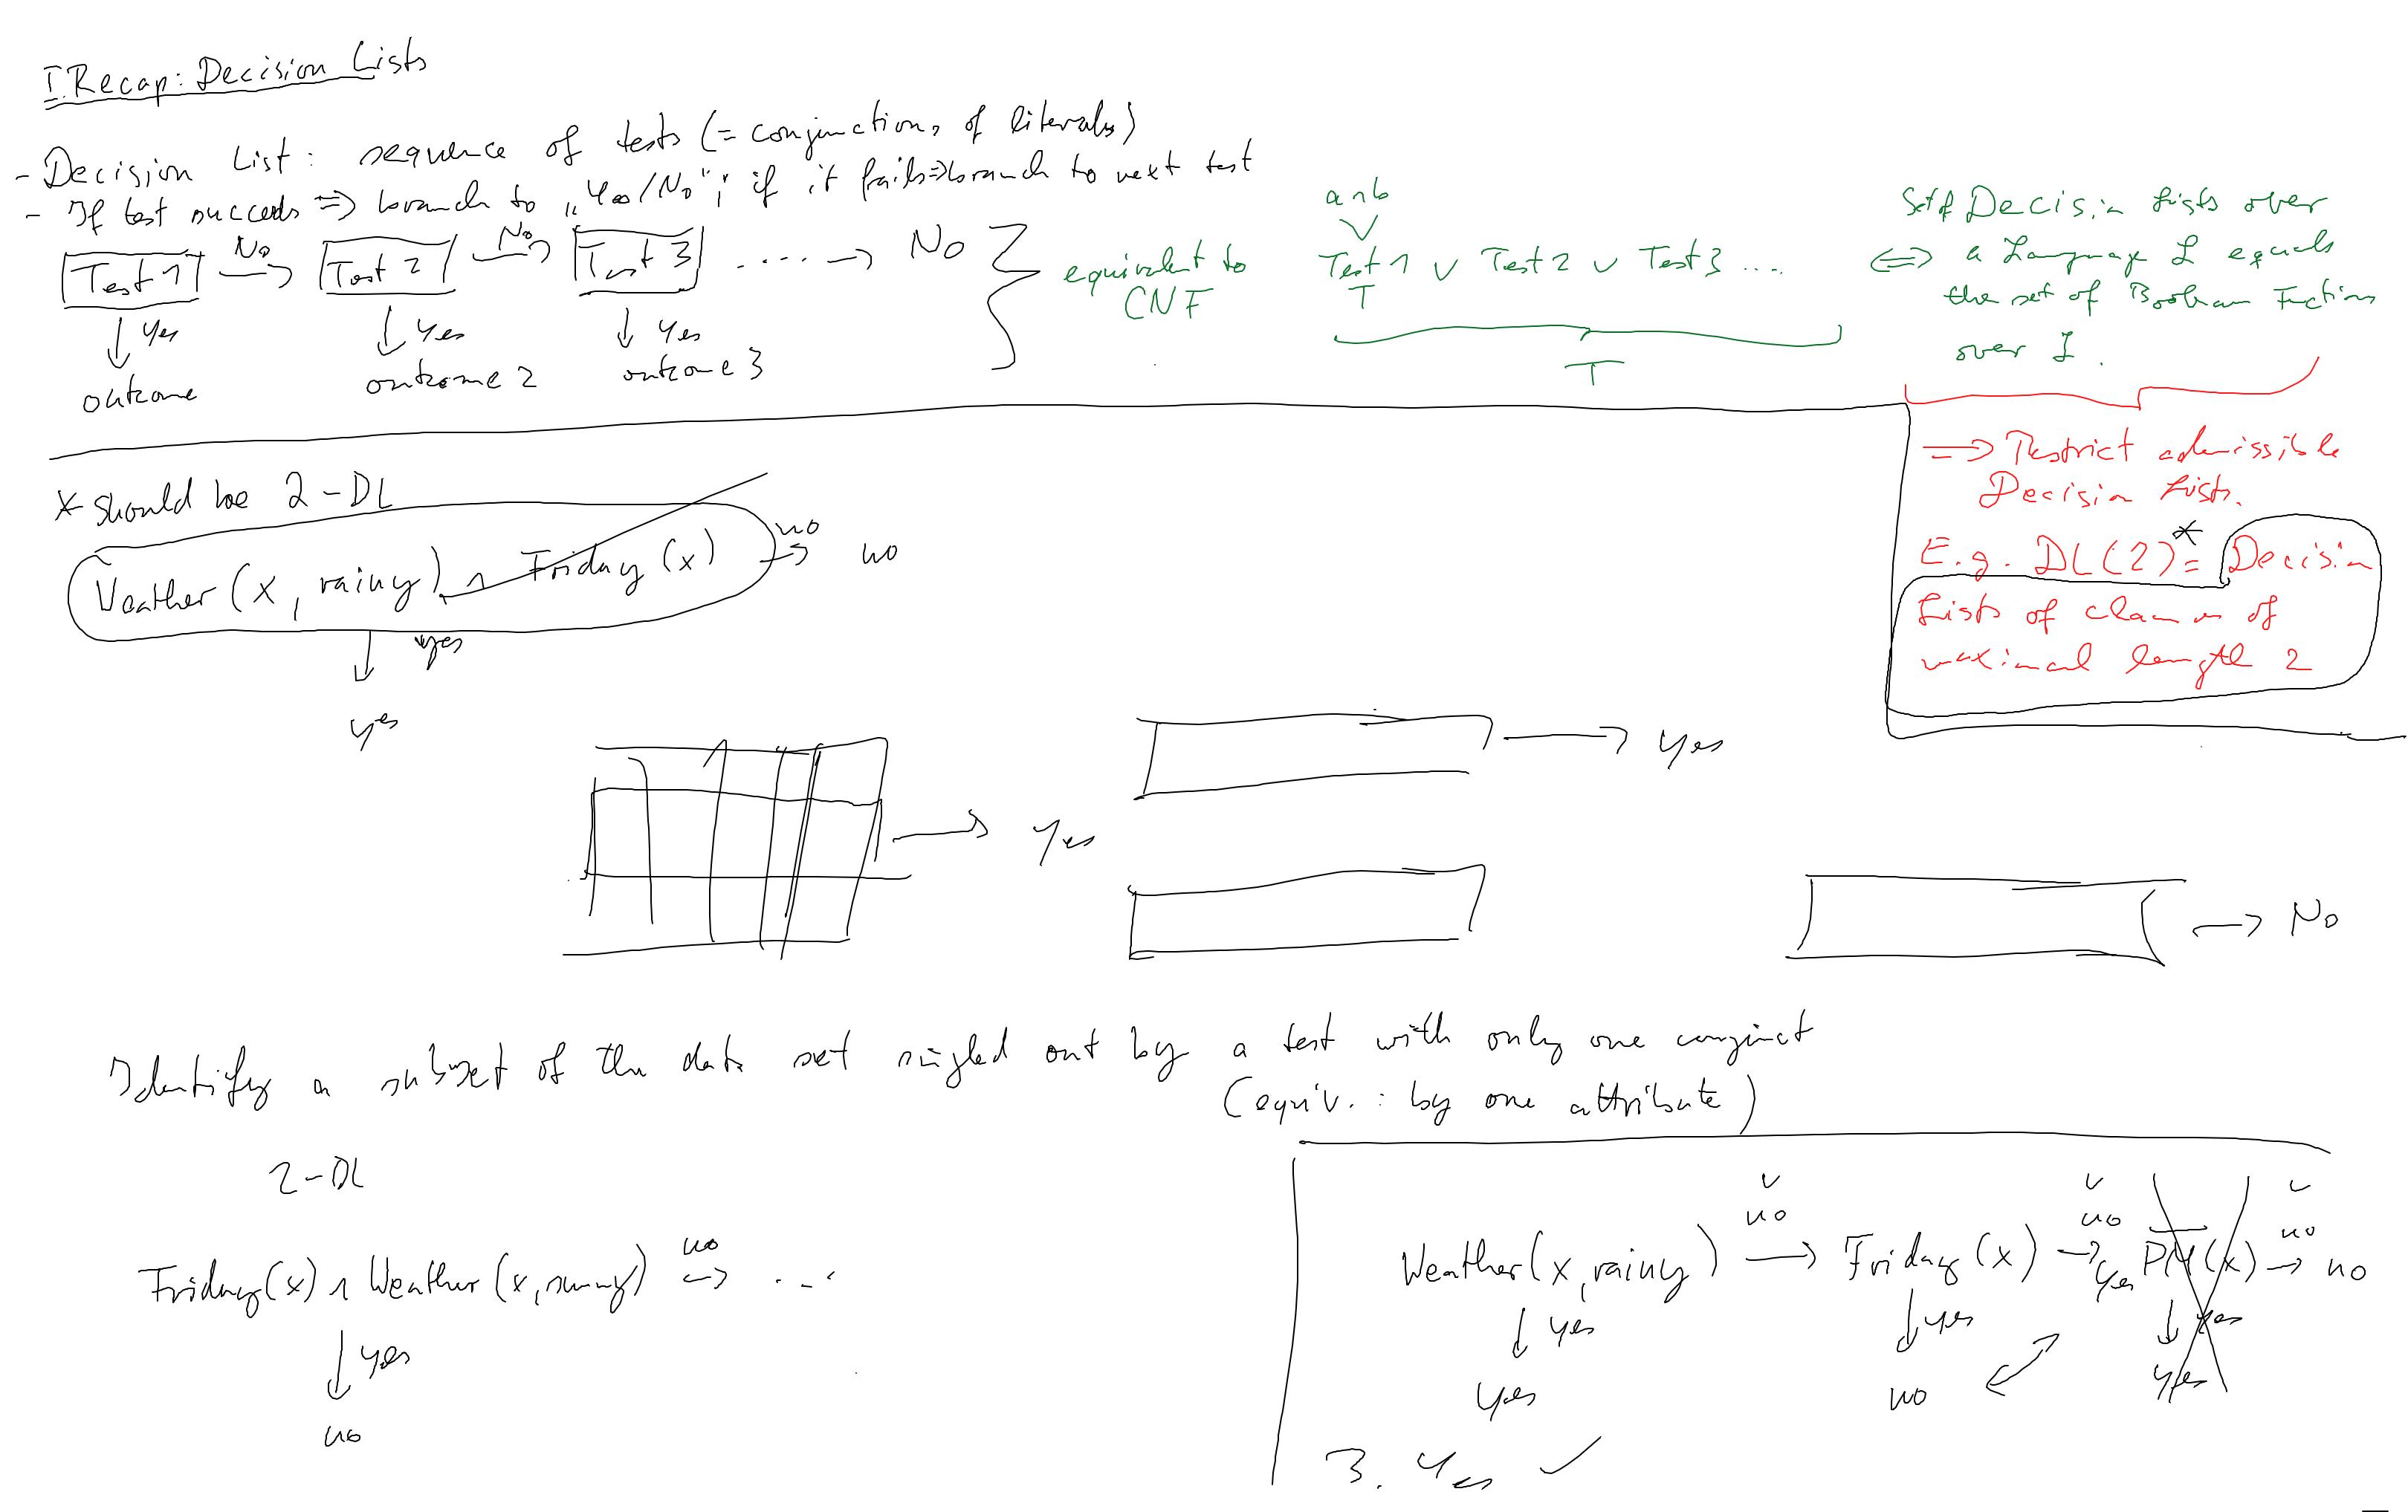 Max/AI II/2020/Tutorial VIII/Whiteboard[6]-01.png